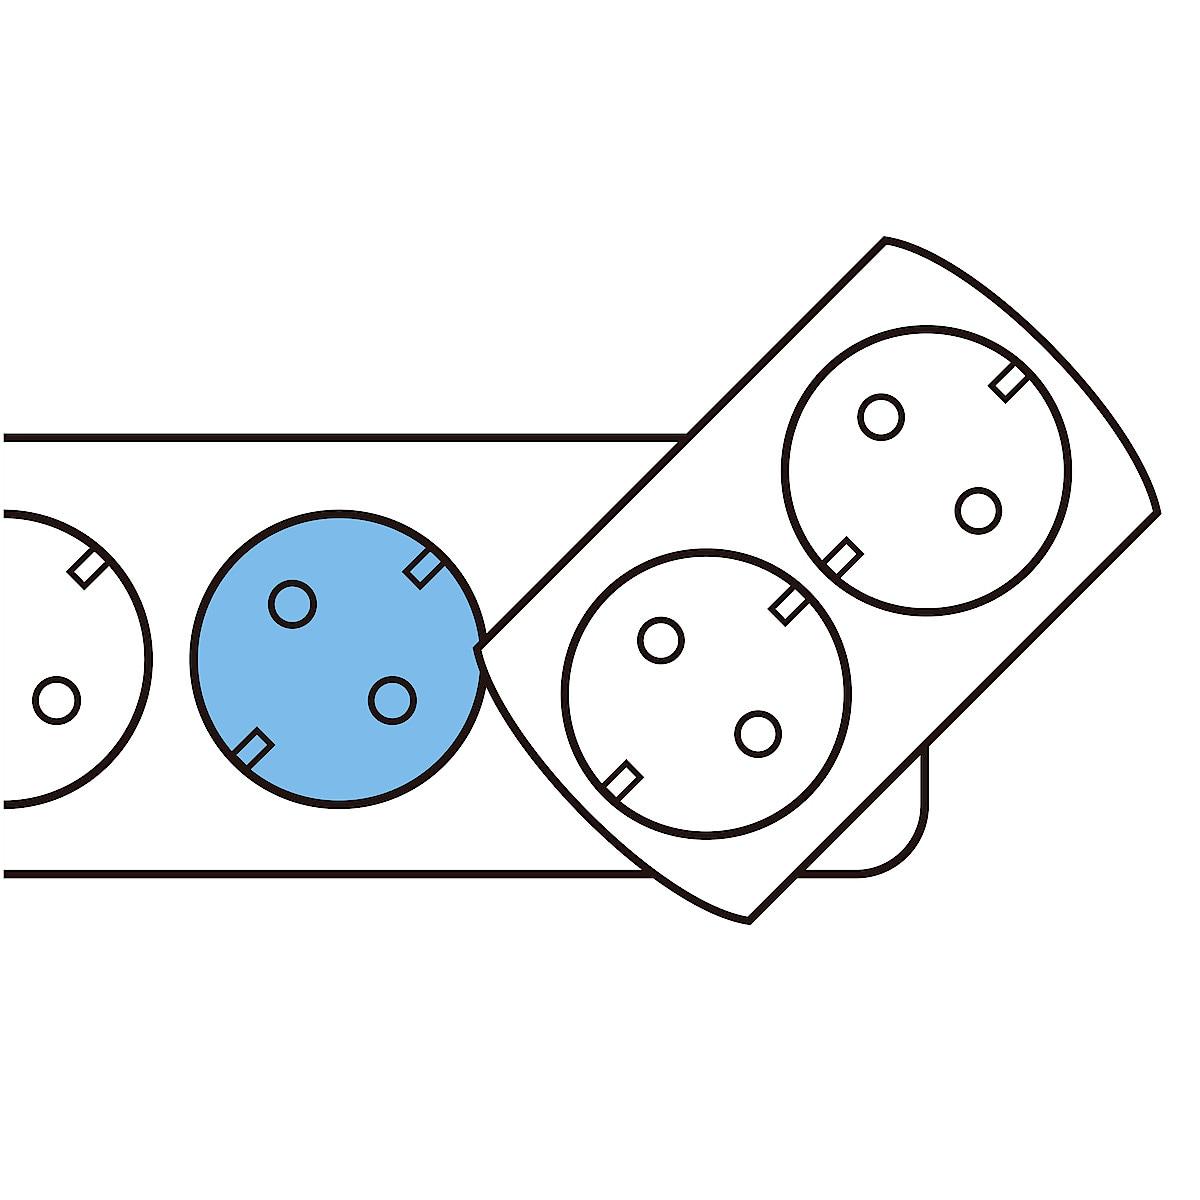 2-vägs förgreningskontakt